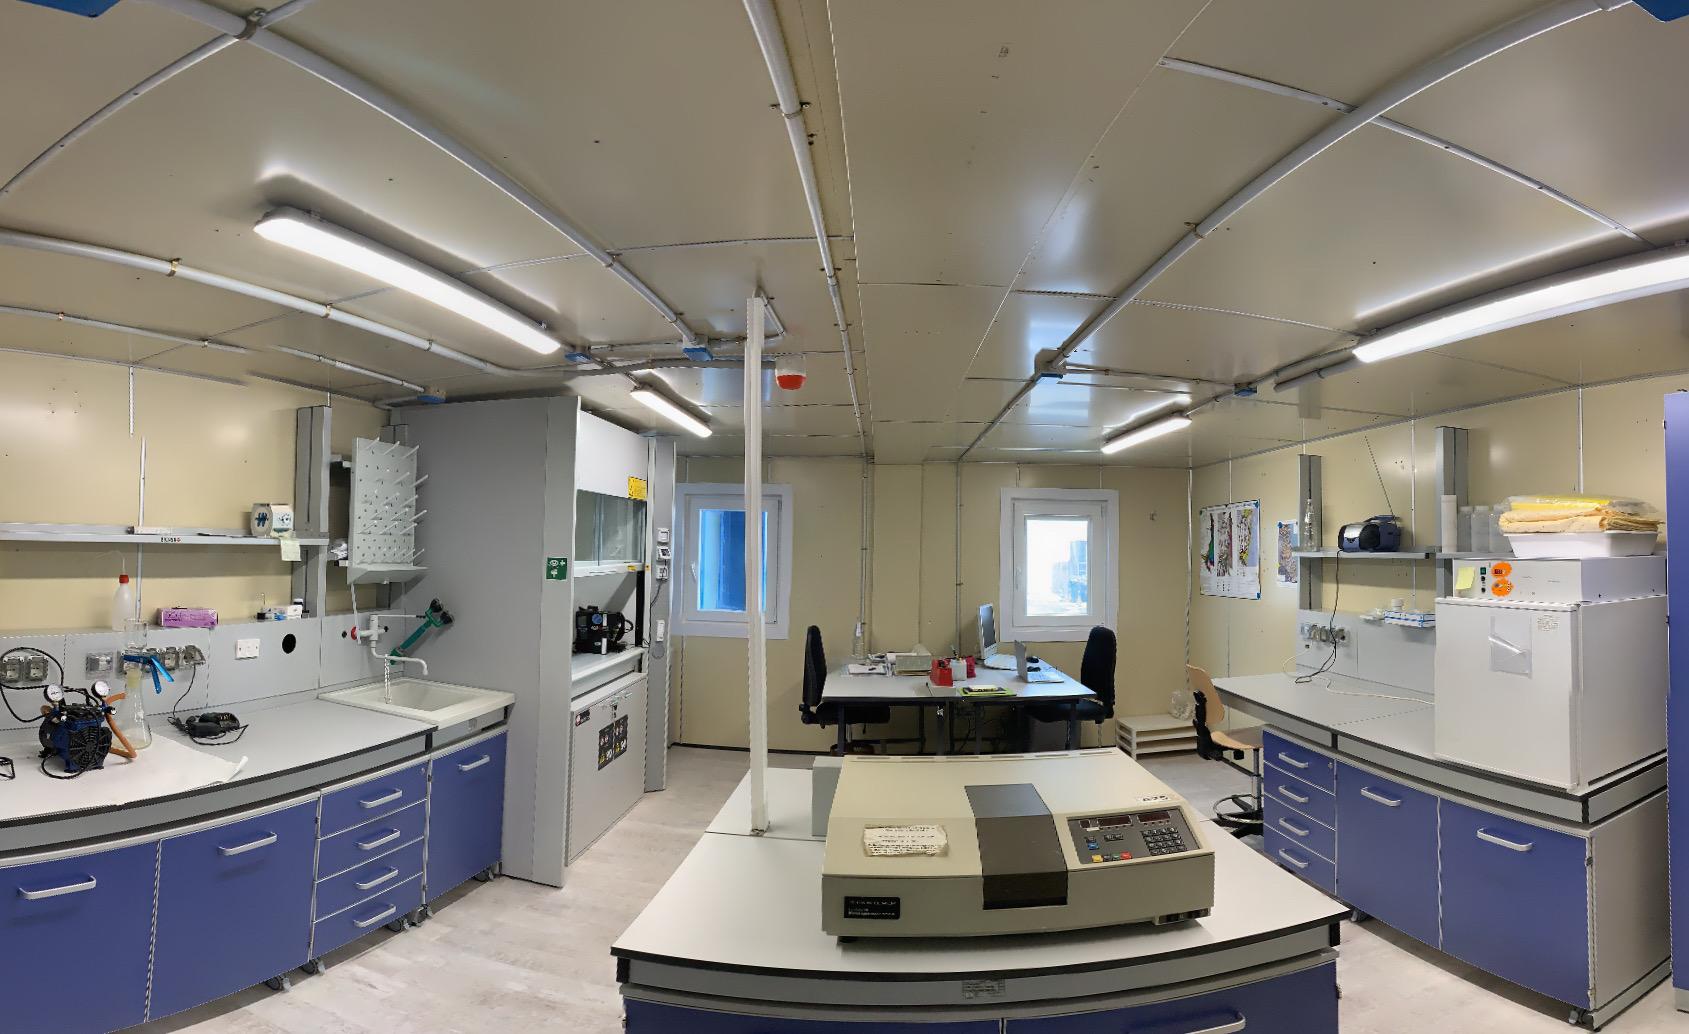 immagine del laboratorio rinnovato